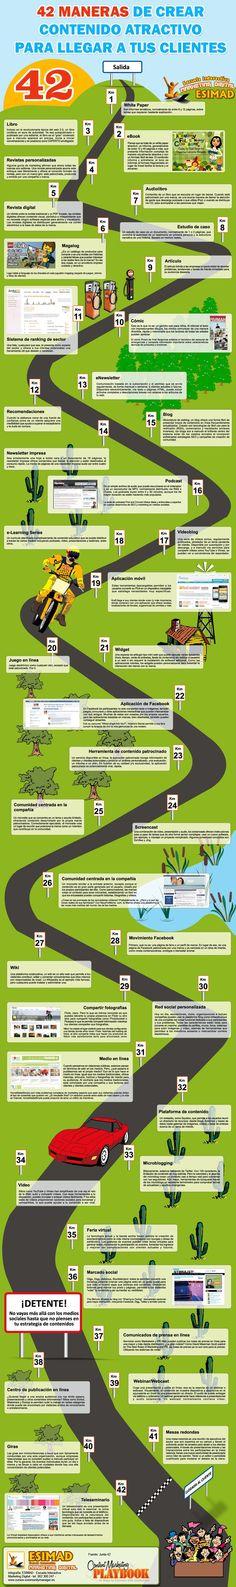 42 maneras de crear contenido atractivo #MarketingDeContenidos